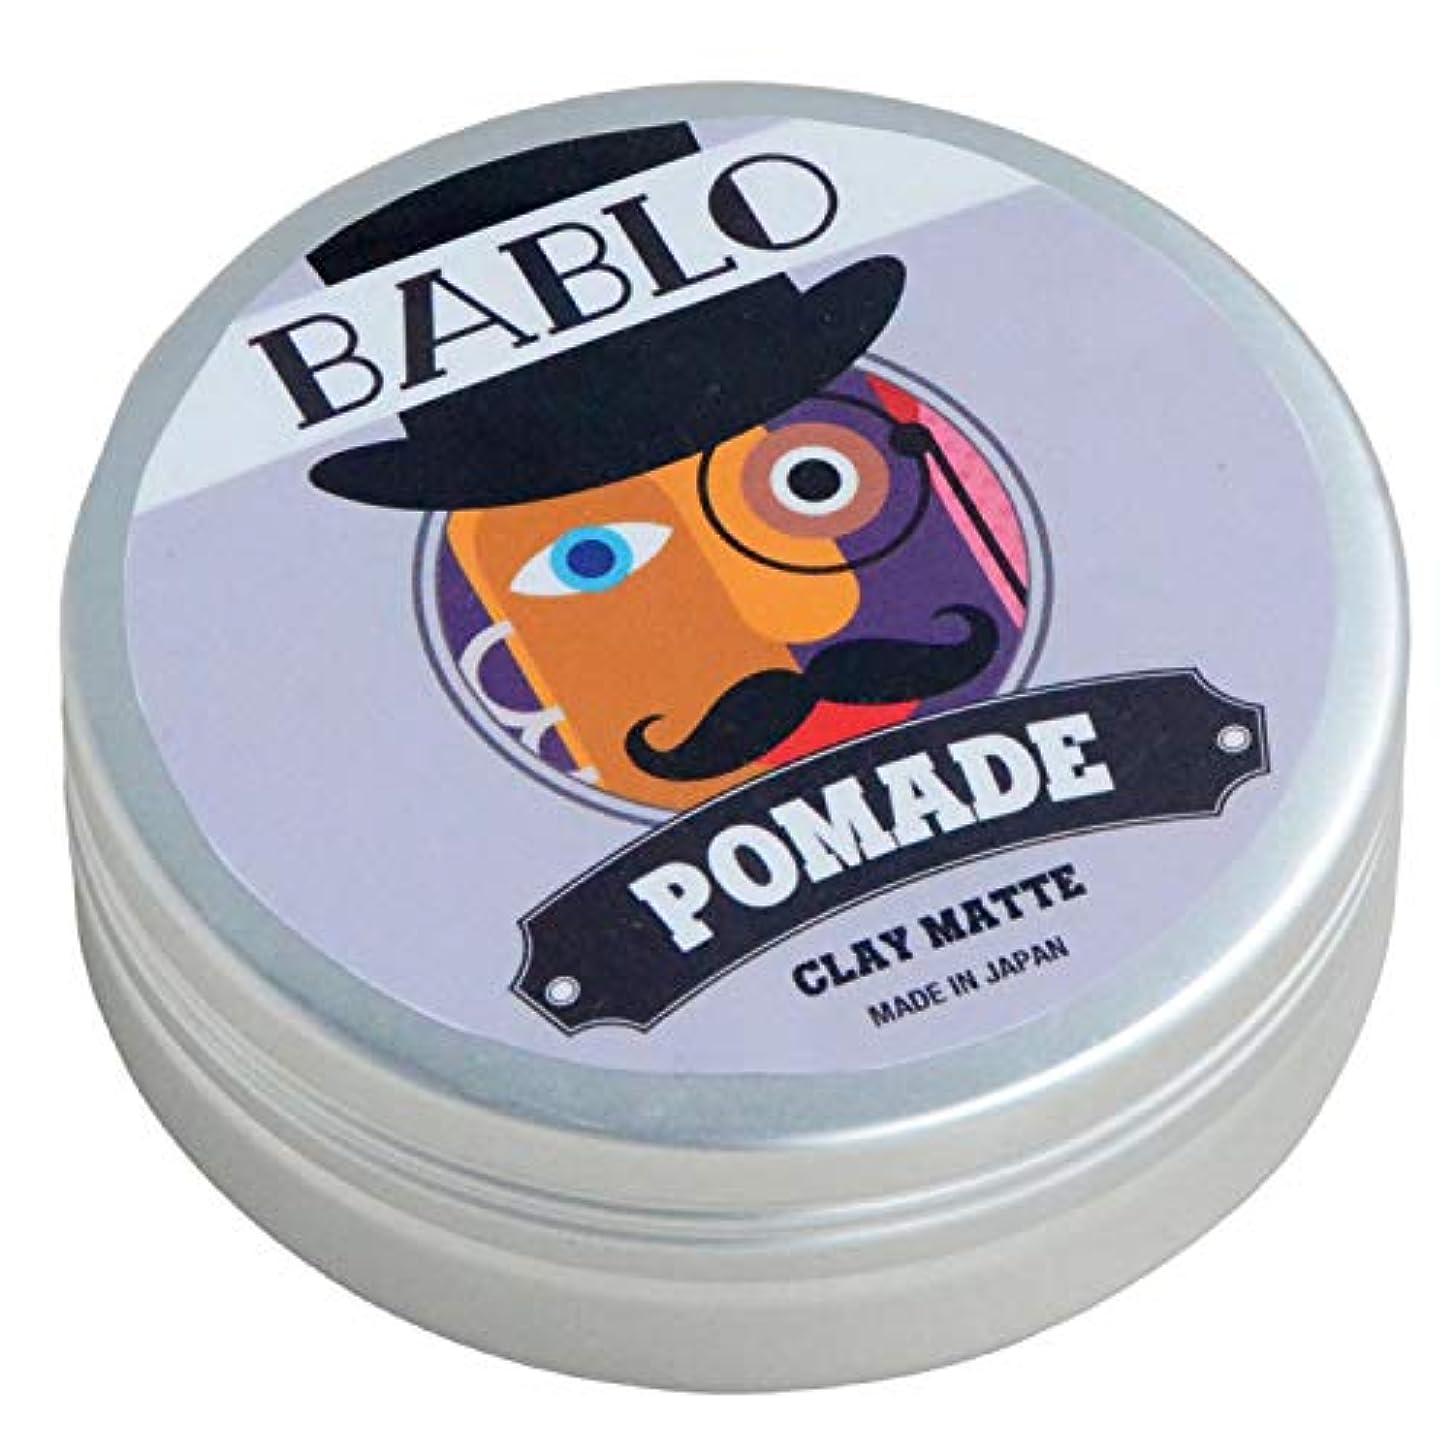 く医学単調なバブロ ポマード(BABLO POMADE) クレイマット ヘアワックス メンズ 整髪料 水性 ヘアグリース